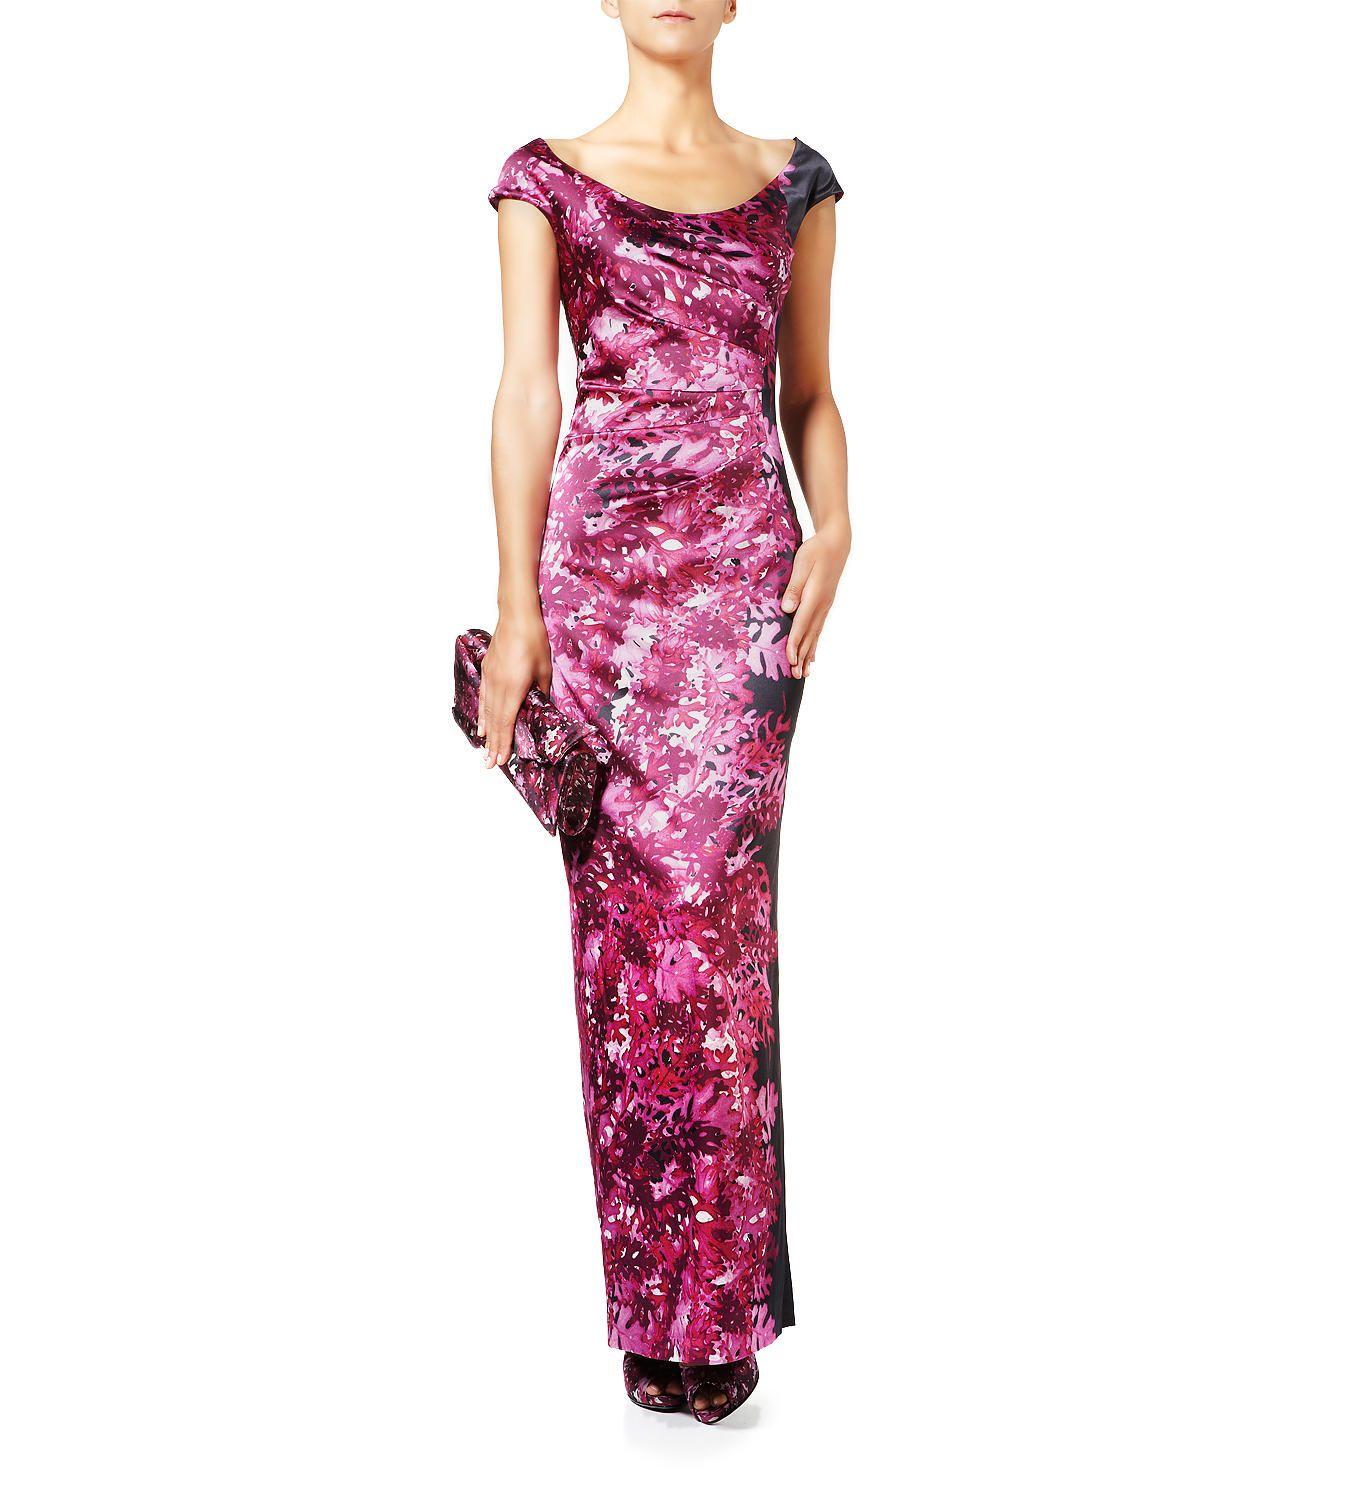 Sooooo glamorous! Florales Abendkleid 'Vorba1' Burgunder/Multi von Talbot Runhof bei UNGER